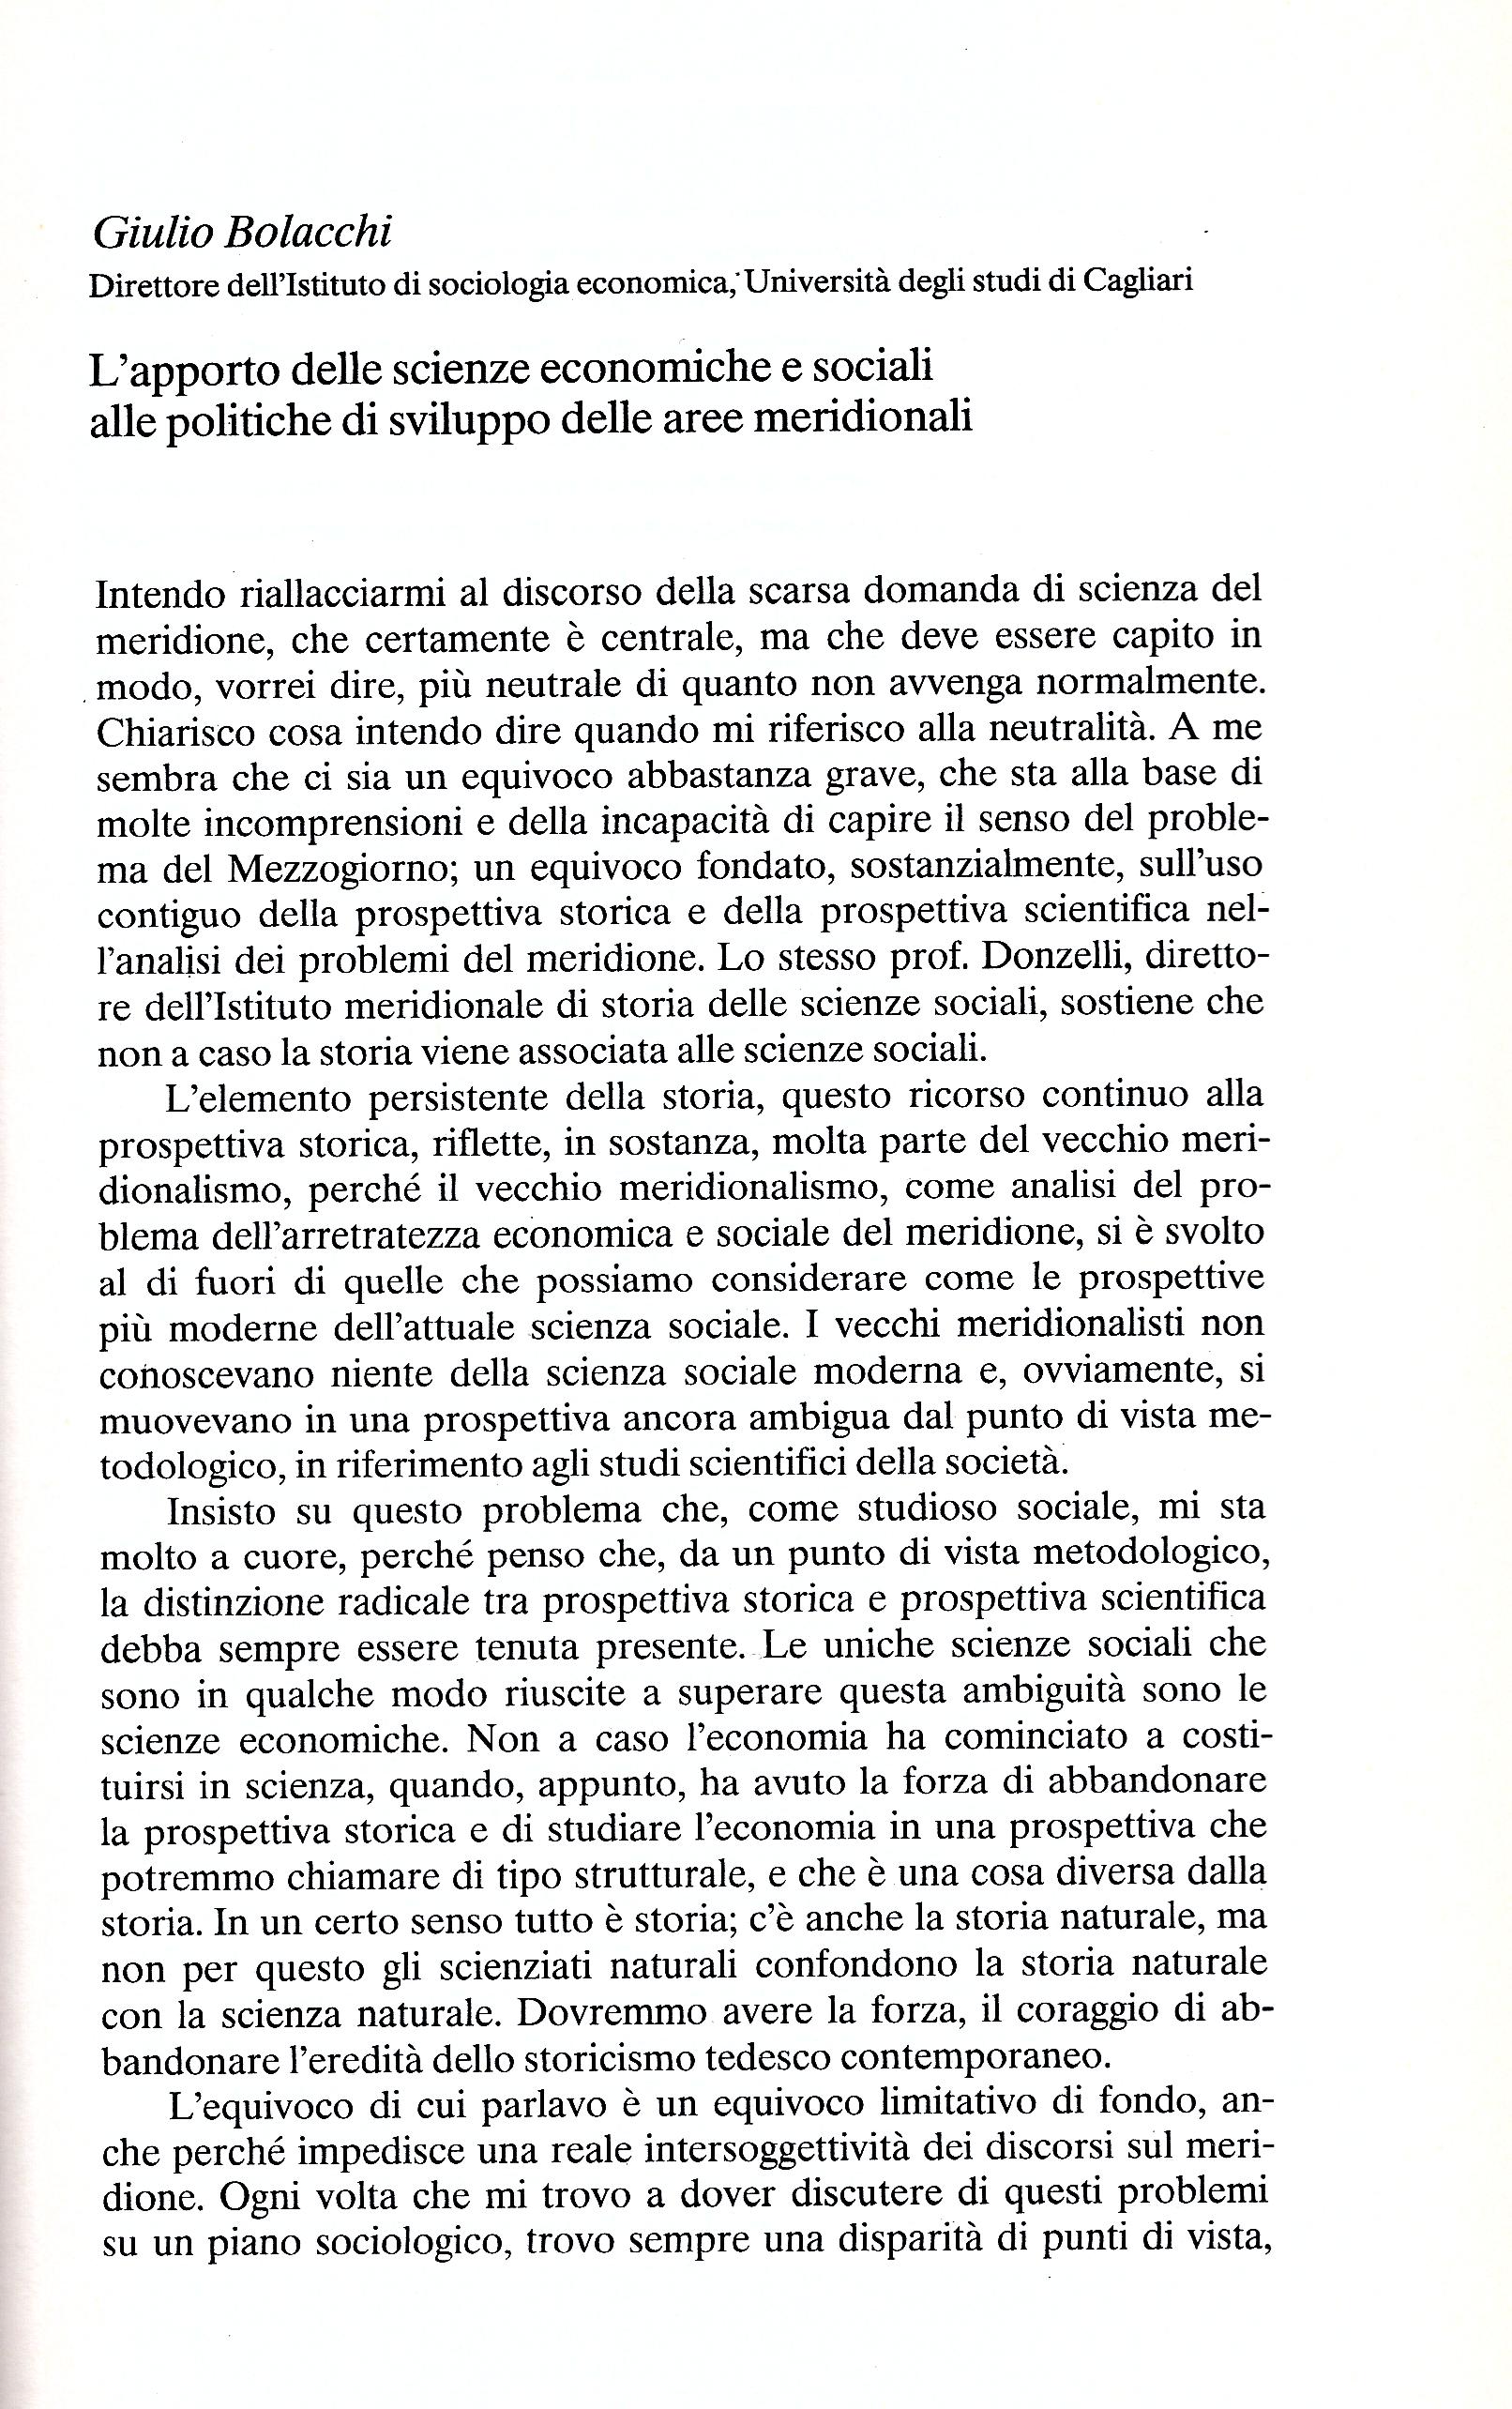 G. Bolacchi, L'apporto delle scienze economiche e sociali alle politiche di sviluppo delle aree meridionali